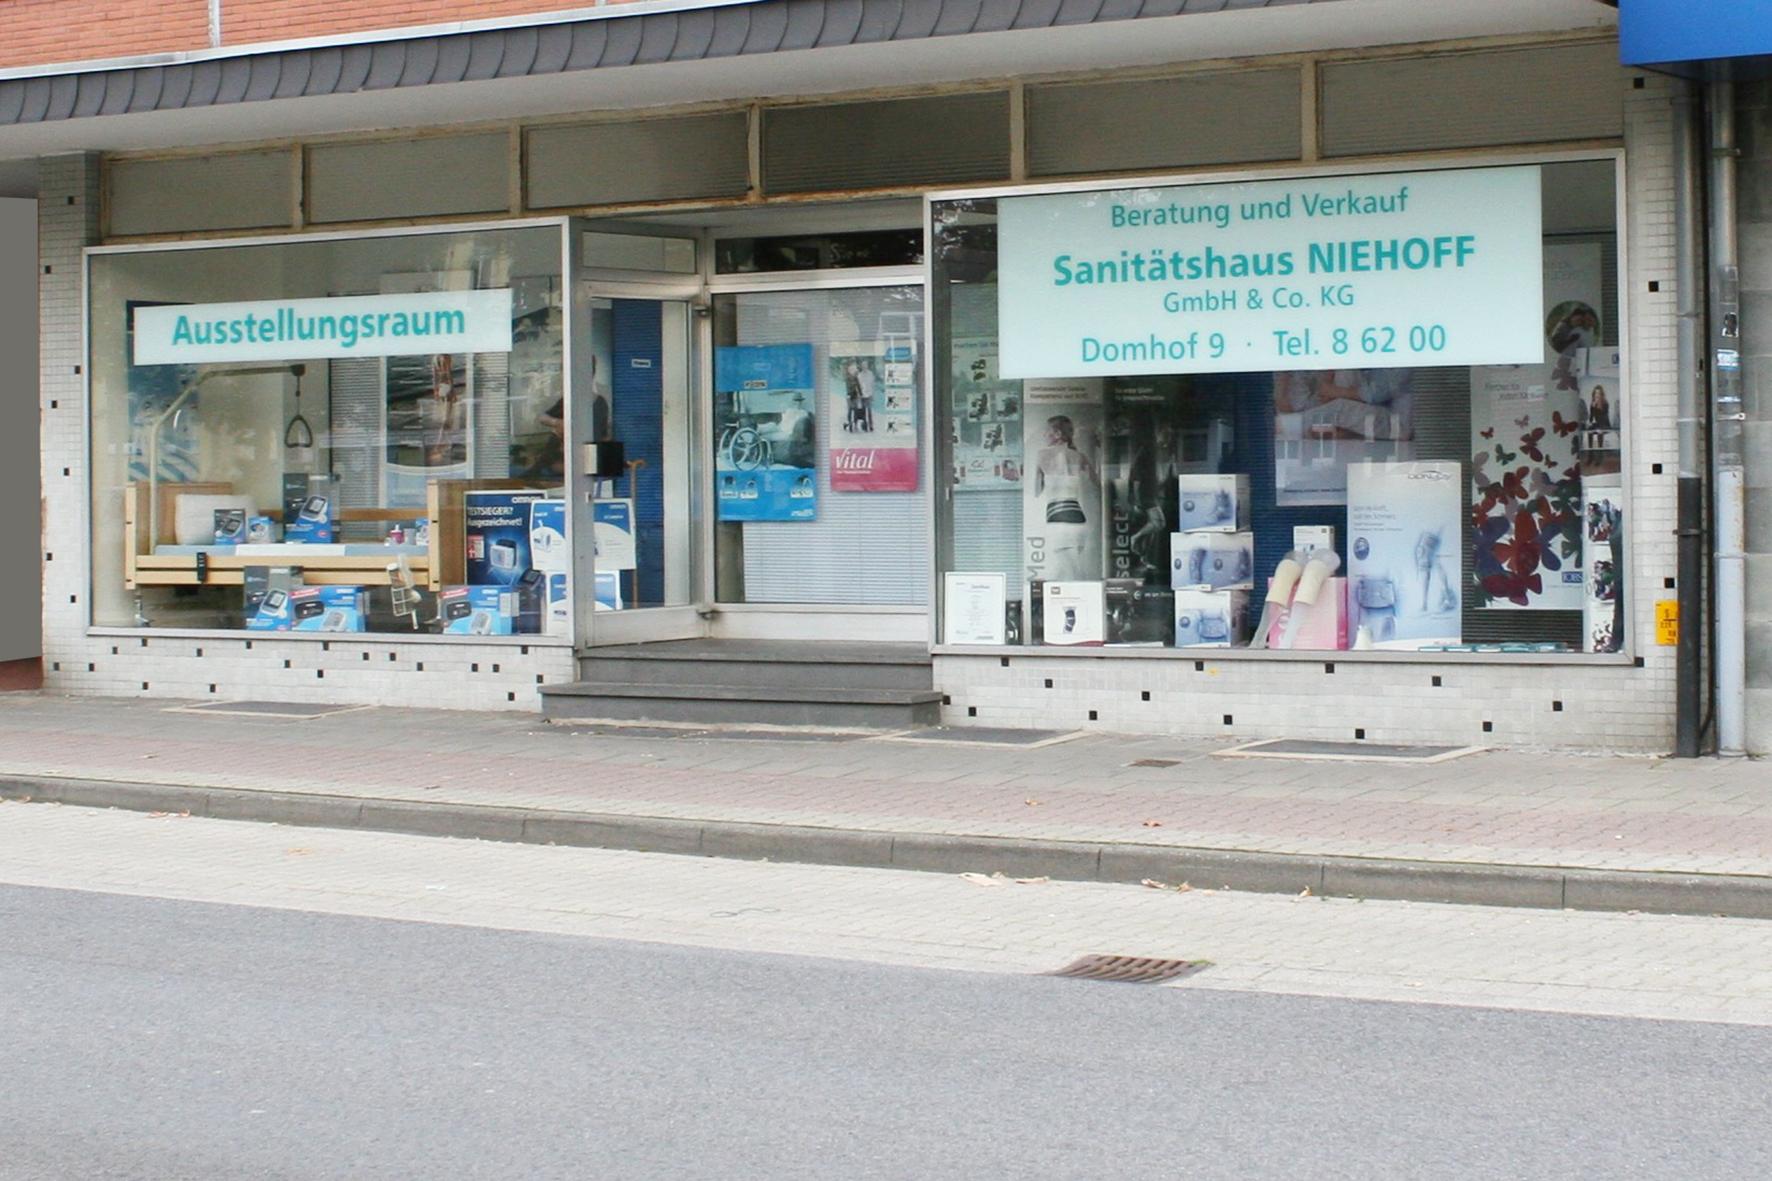 Sanitätshaus Niehoff, Ausstellung 5